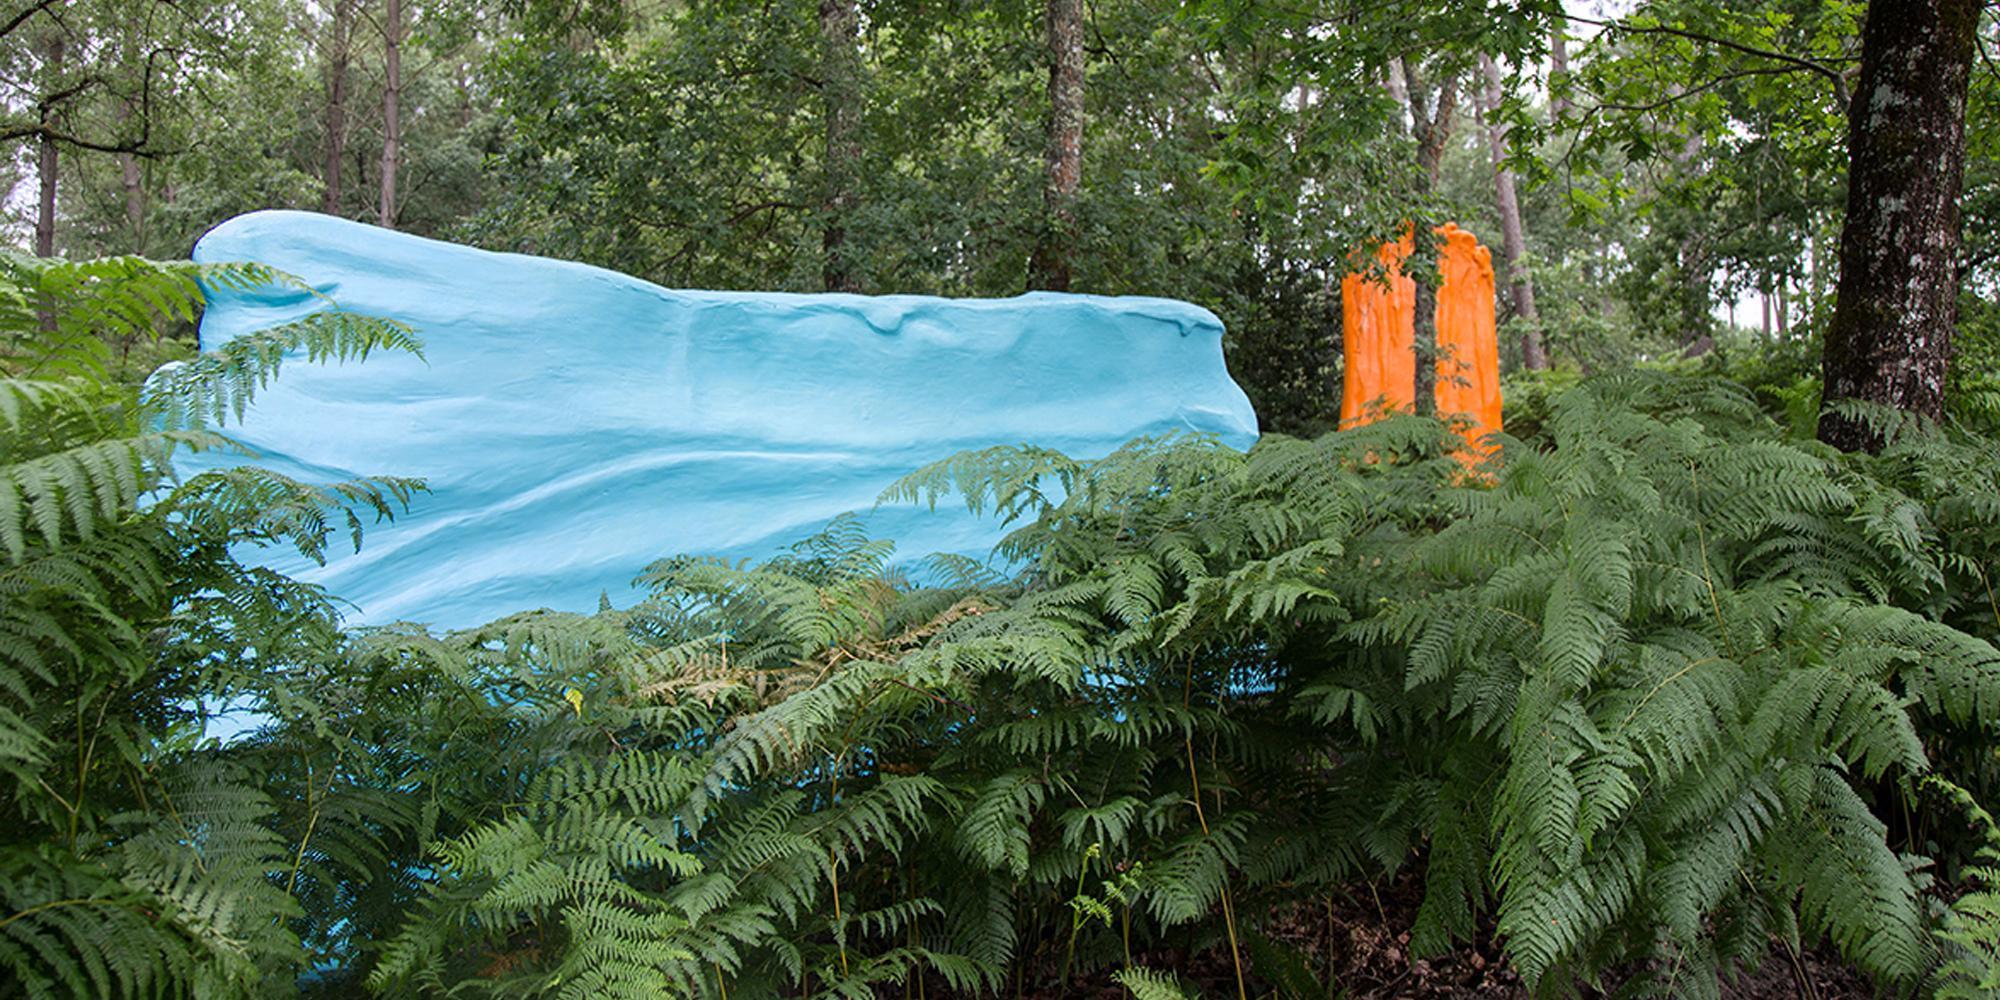 couleurs de Philippe Fangeaux - sculptures monumentales d'après maquettes de l'artiste installées en Forêt Contemporain